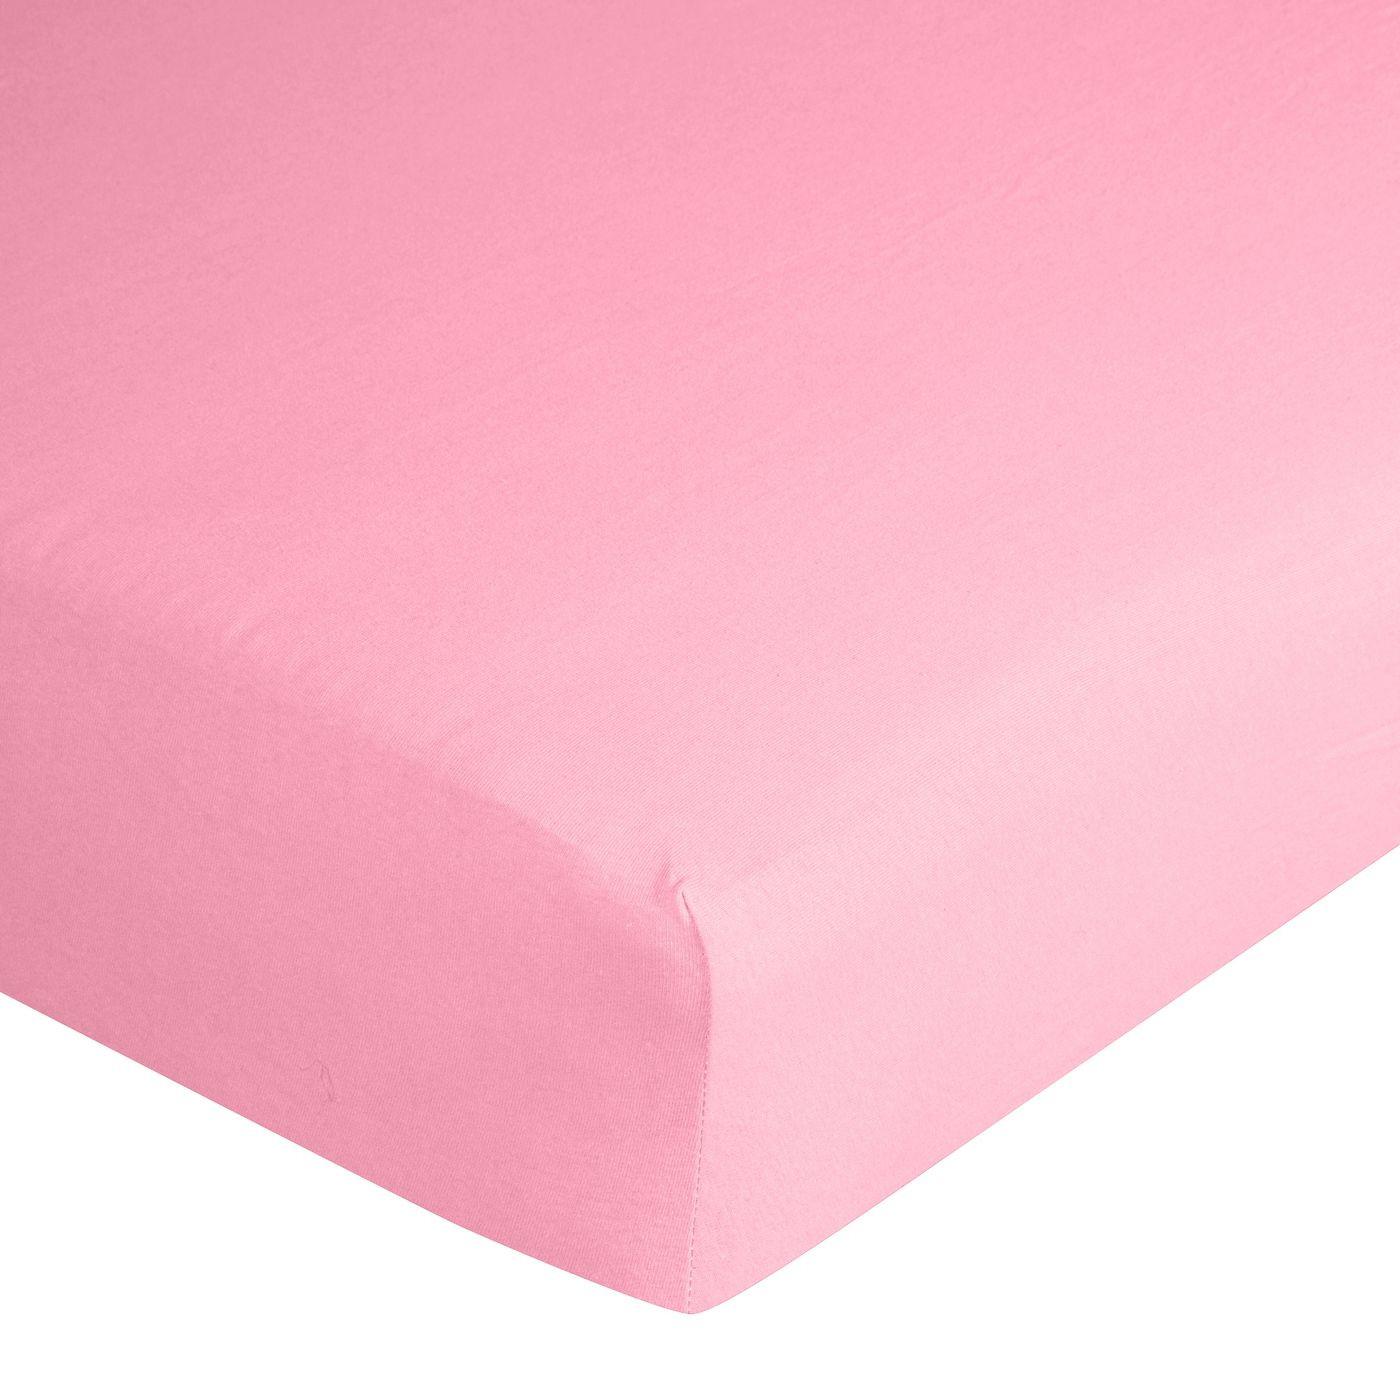 Prześcieradło bawełniane gładkie 140x200+25cm 140 kolor różowy